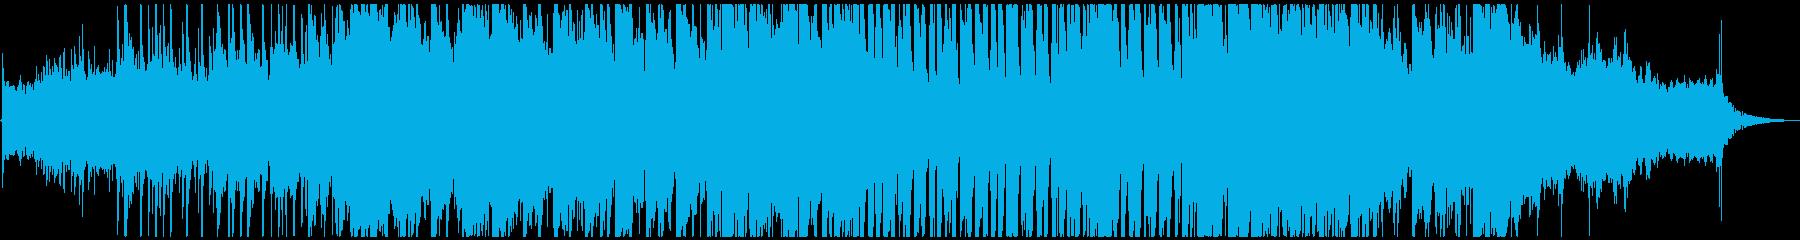 カントリー風ピアノが愉快で楽しいジングルの再生済みの波形